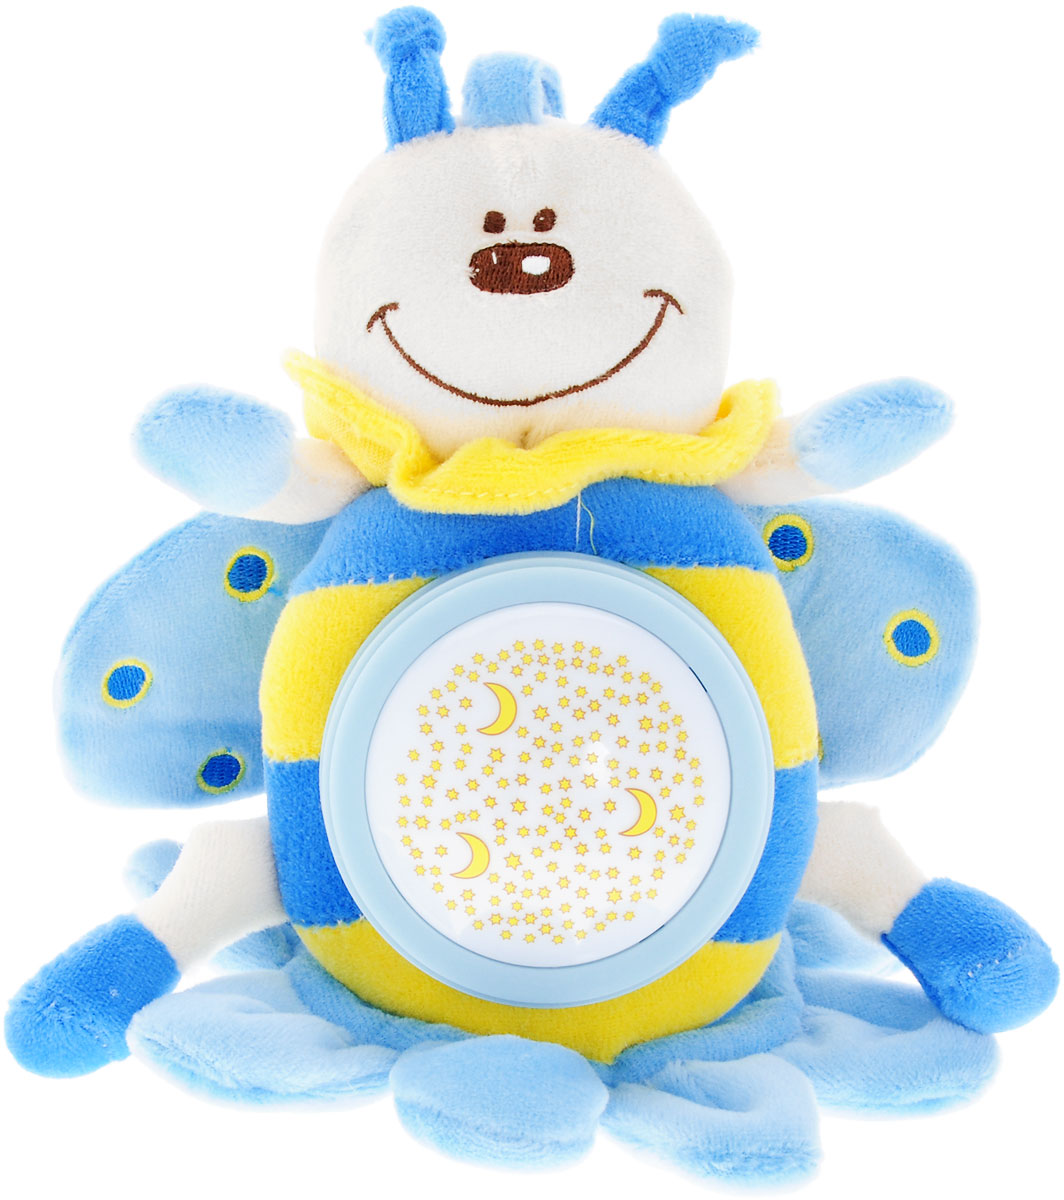 Simba Музыкальная игрушка-подвеска Плюшевые насекомые цвет голубой simba музыкальная гитара на батарейках свет звук 43 5 см 4010529